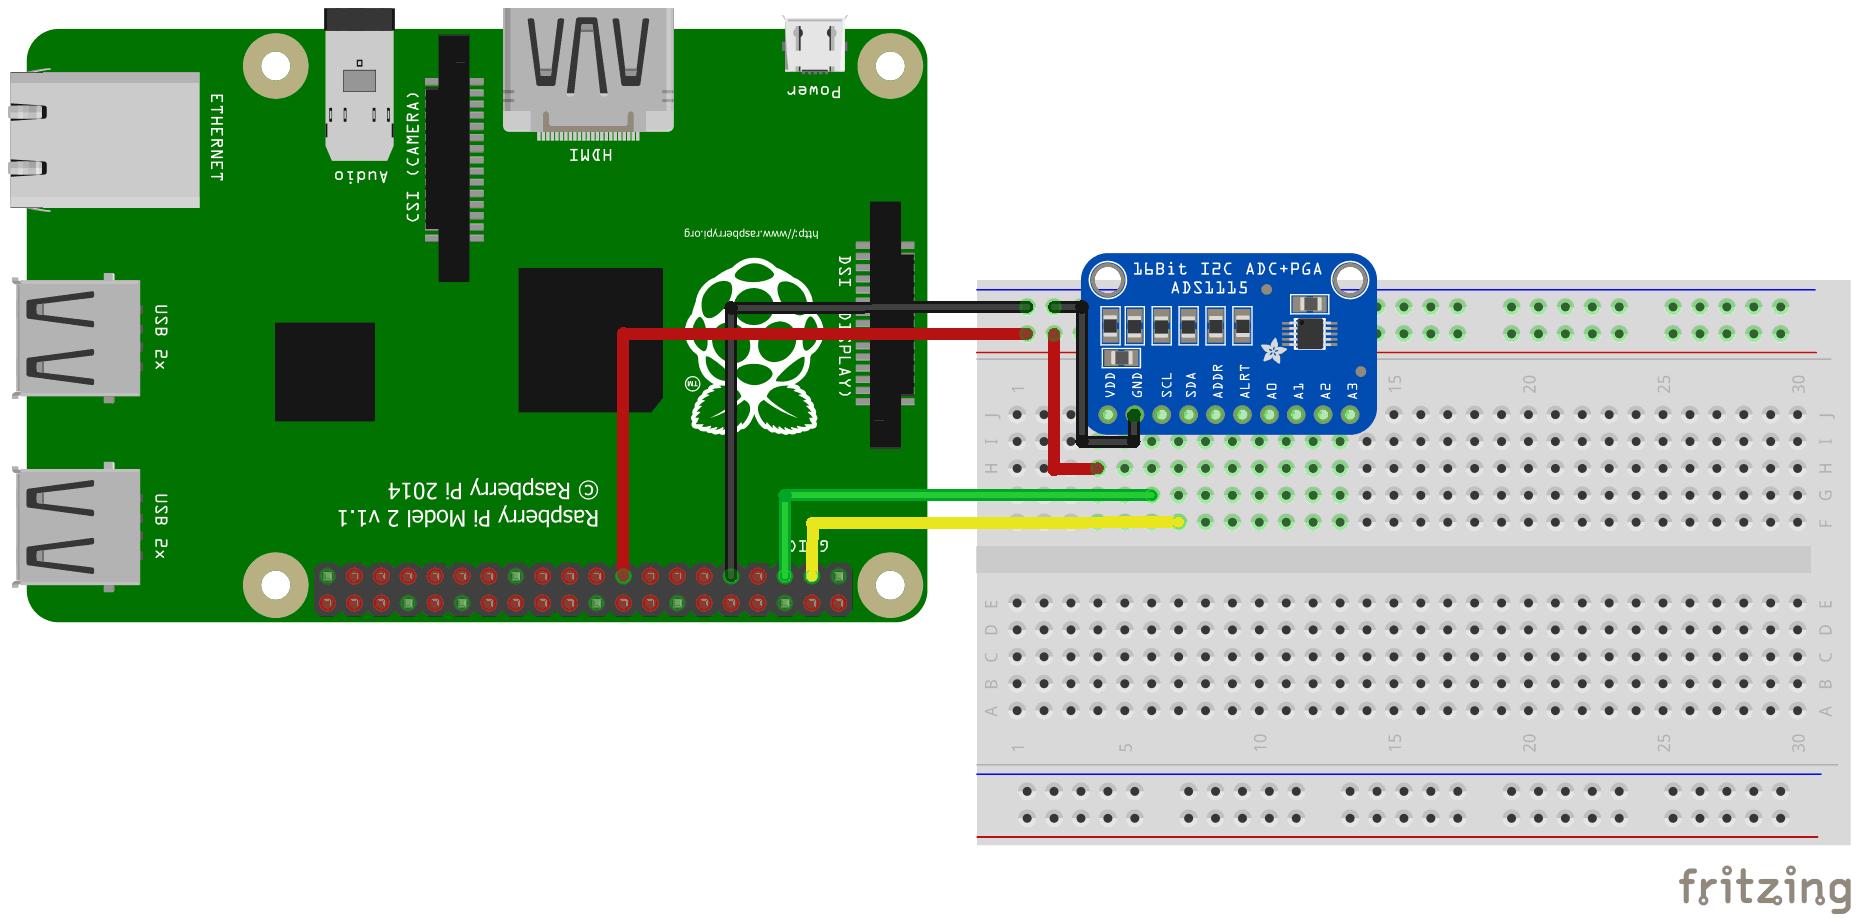 Схема осциллографа на основе платы Raspberry Pi